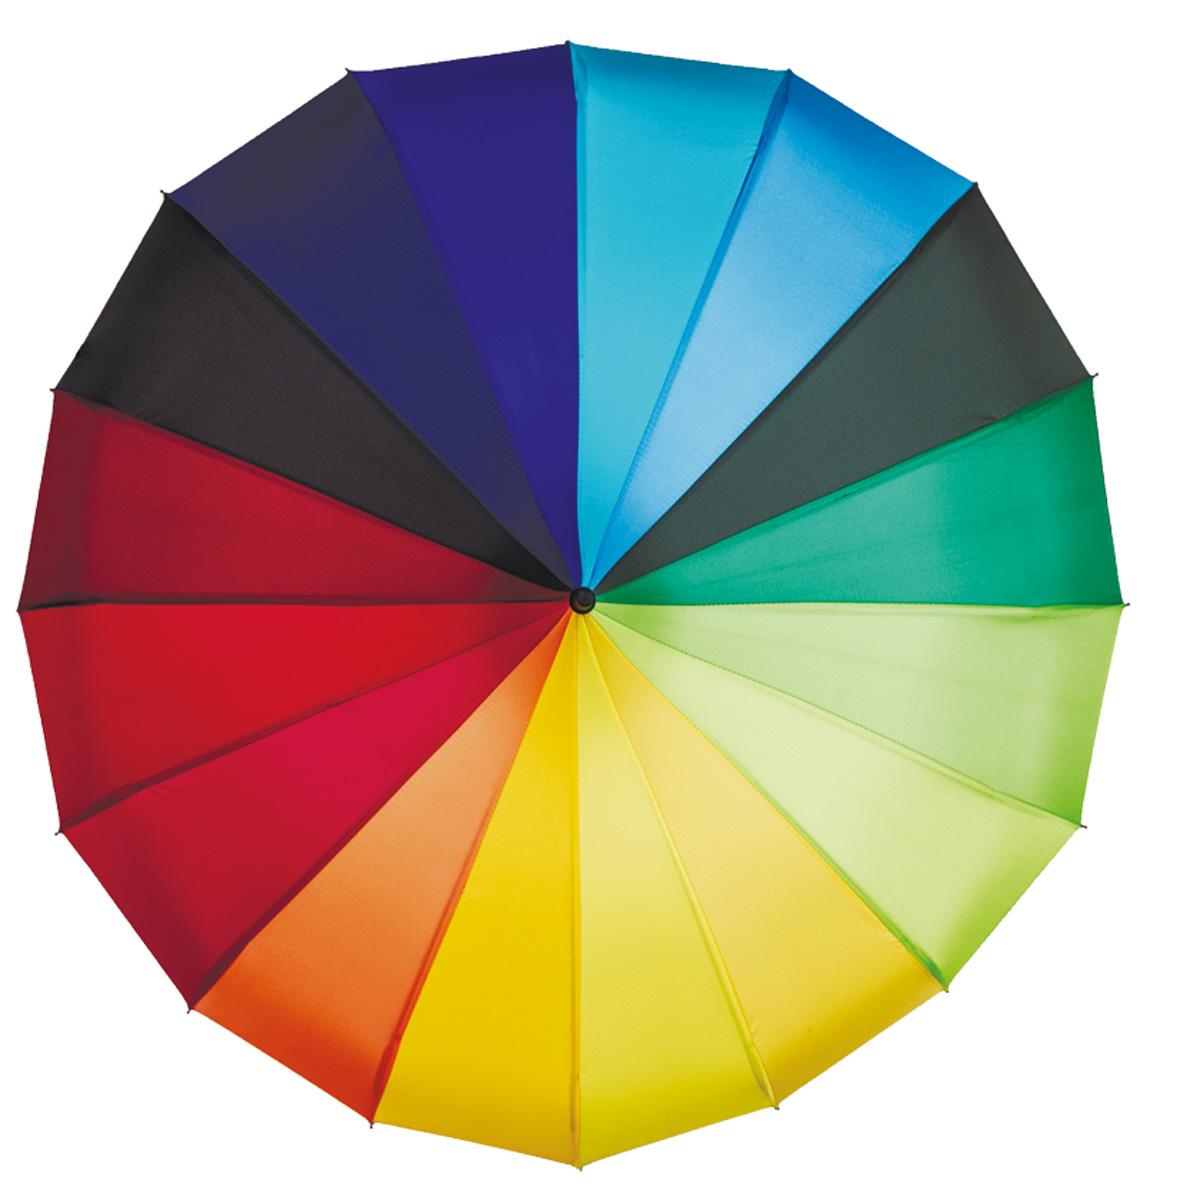 """Зонт-трость женский Flioraj Радуга, механический, цвет: мультиколор. 121200 FJ121200 FJЯркий механический зонт-трость Flioraj """"Радуга"""" в 3 сложения отлично подойдет для ненастной погоды. """"Ветростойкий"""" каркас зонта, изготовленный из анодированной стали, состоит из шестнадцати спиц и прочного стержня. Купол зонта с тефлоновой пропиткой выполнен из полиэстера в цветах радуги. Модель оснащена рукояткой из пластика. Зонт механического сложения: купол открывается и закрывается вручную до характерного щелчка. Модель закрывается при помощи хлястика на кнопку. Такой зонт не только надежно защитит вас от дождя, но и станет стильным аксессуаром, который идеально подчеркнет ваш неповторимый образ."""